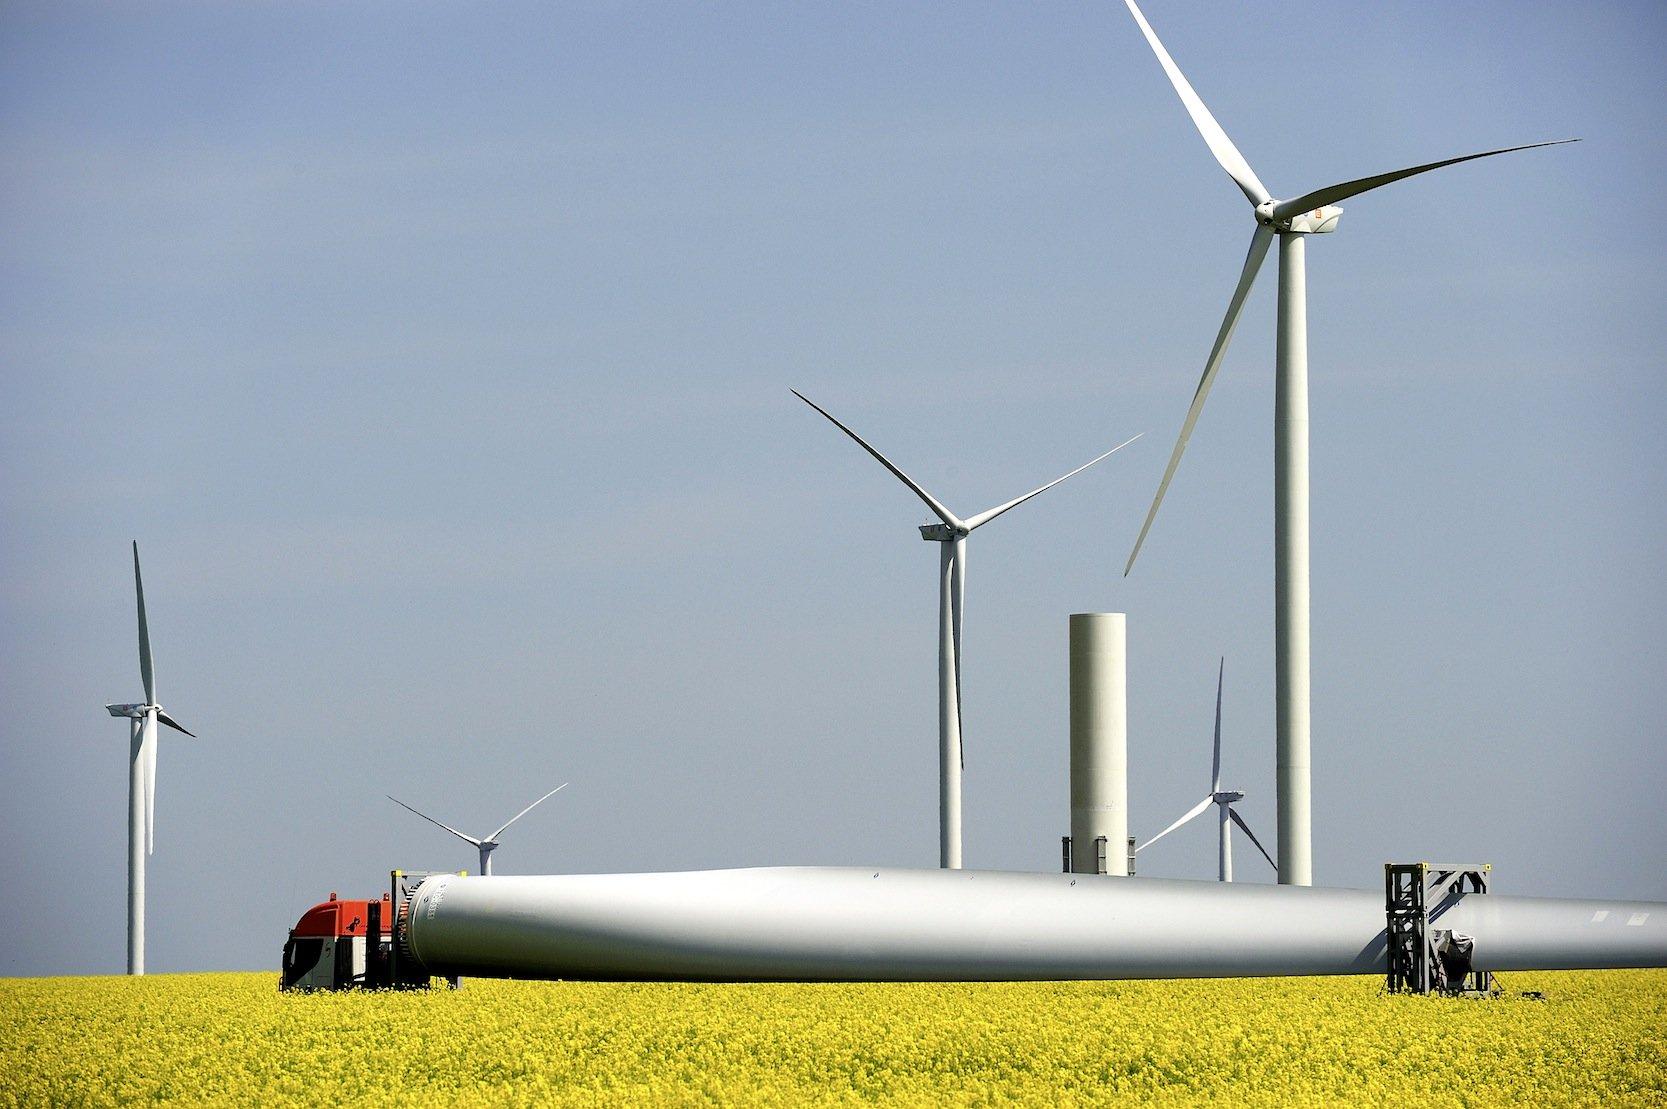 Windpark Fintinelemit Anlagen von General Electric inRumänien: Die Amerikaner liegen weltweit auf Rang 4.